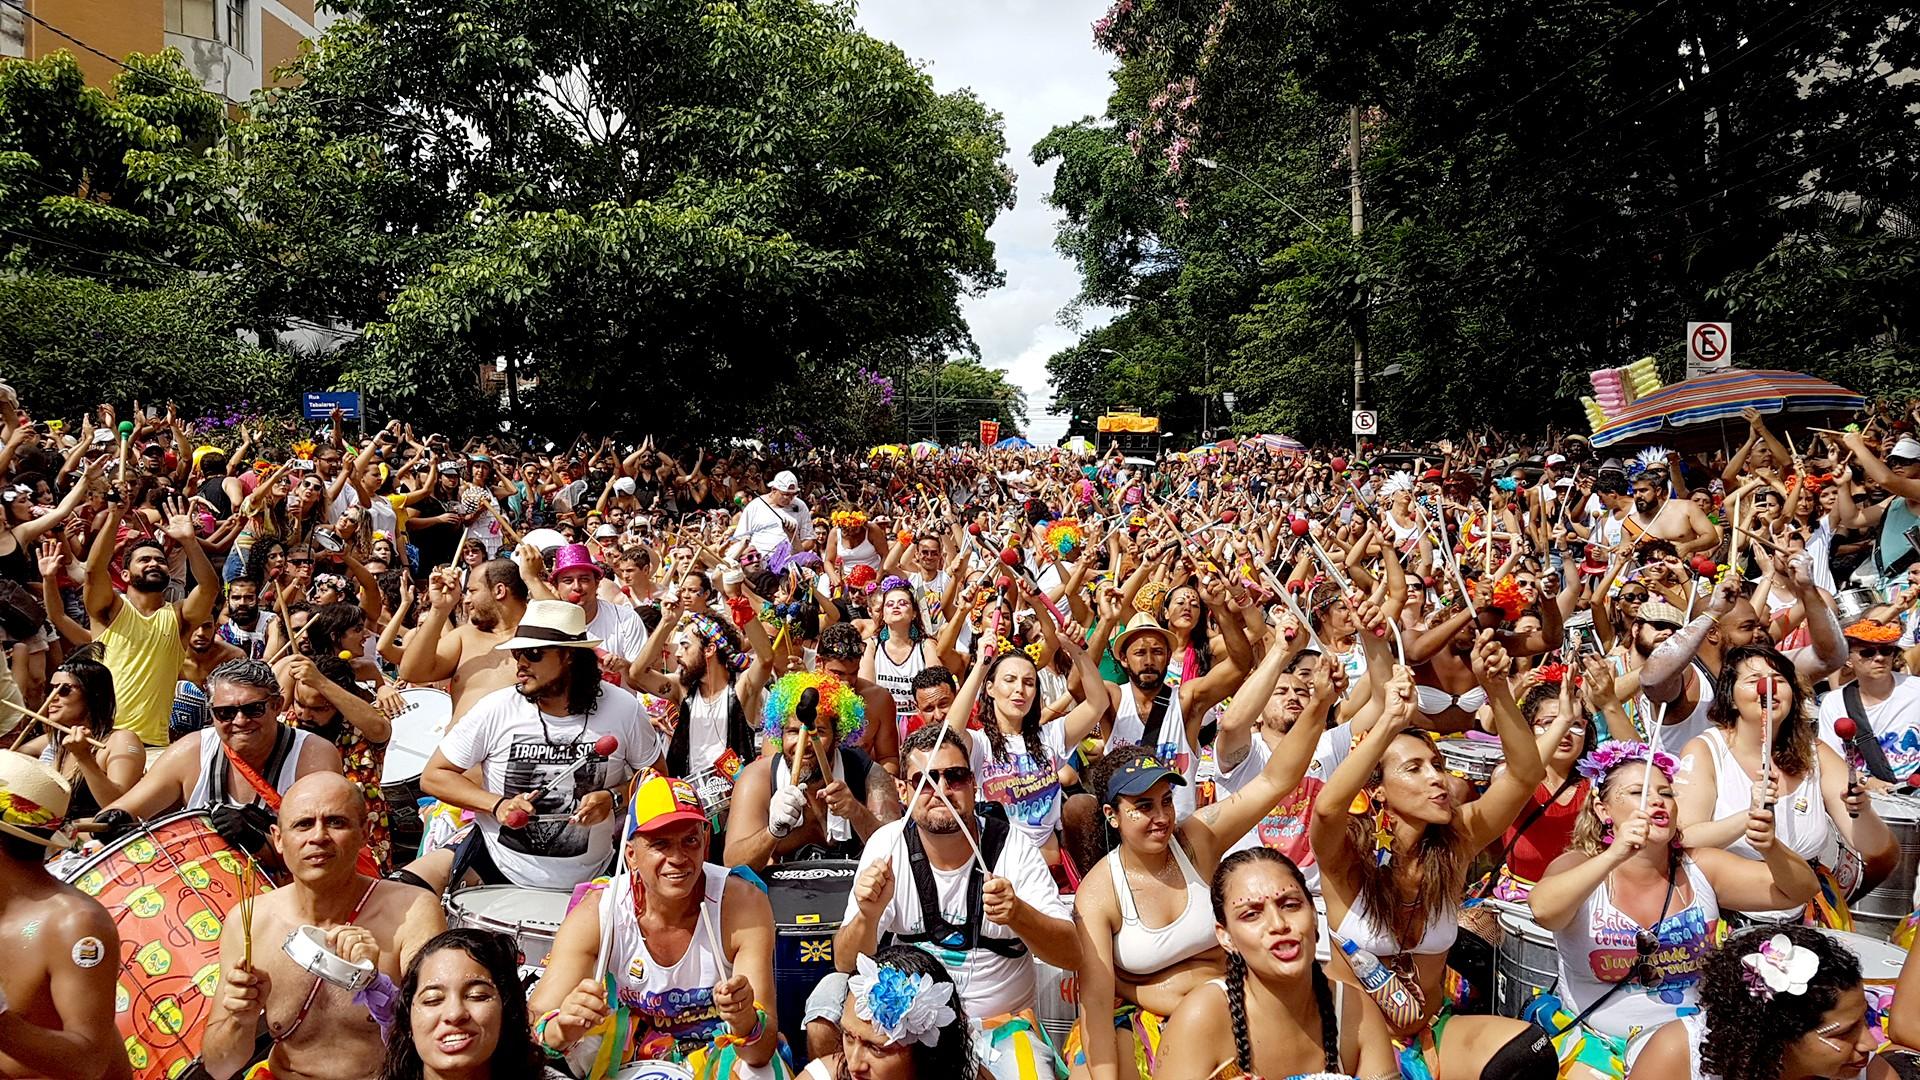 Ainda não decidiu a viagem de Carnaval? Veja quanto custa ir para 10 destinos no Brasil thumbnail